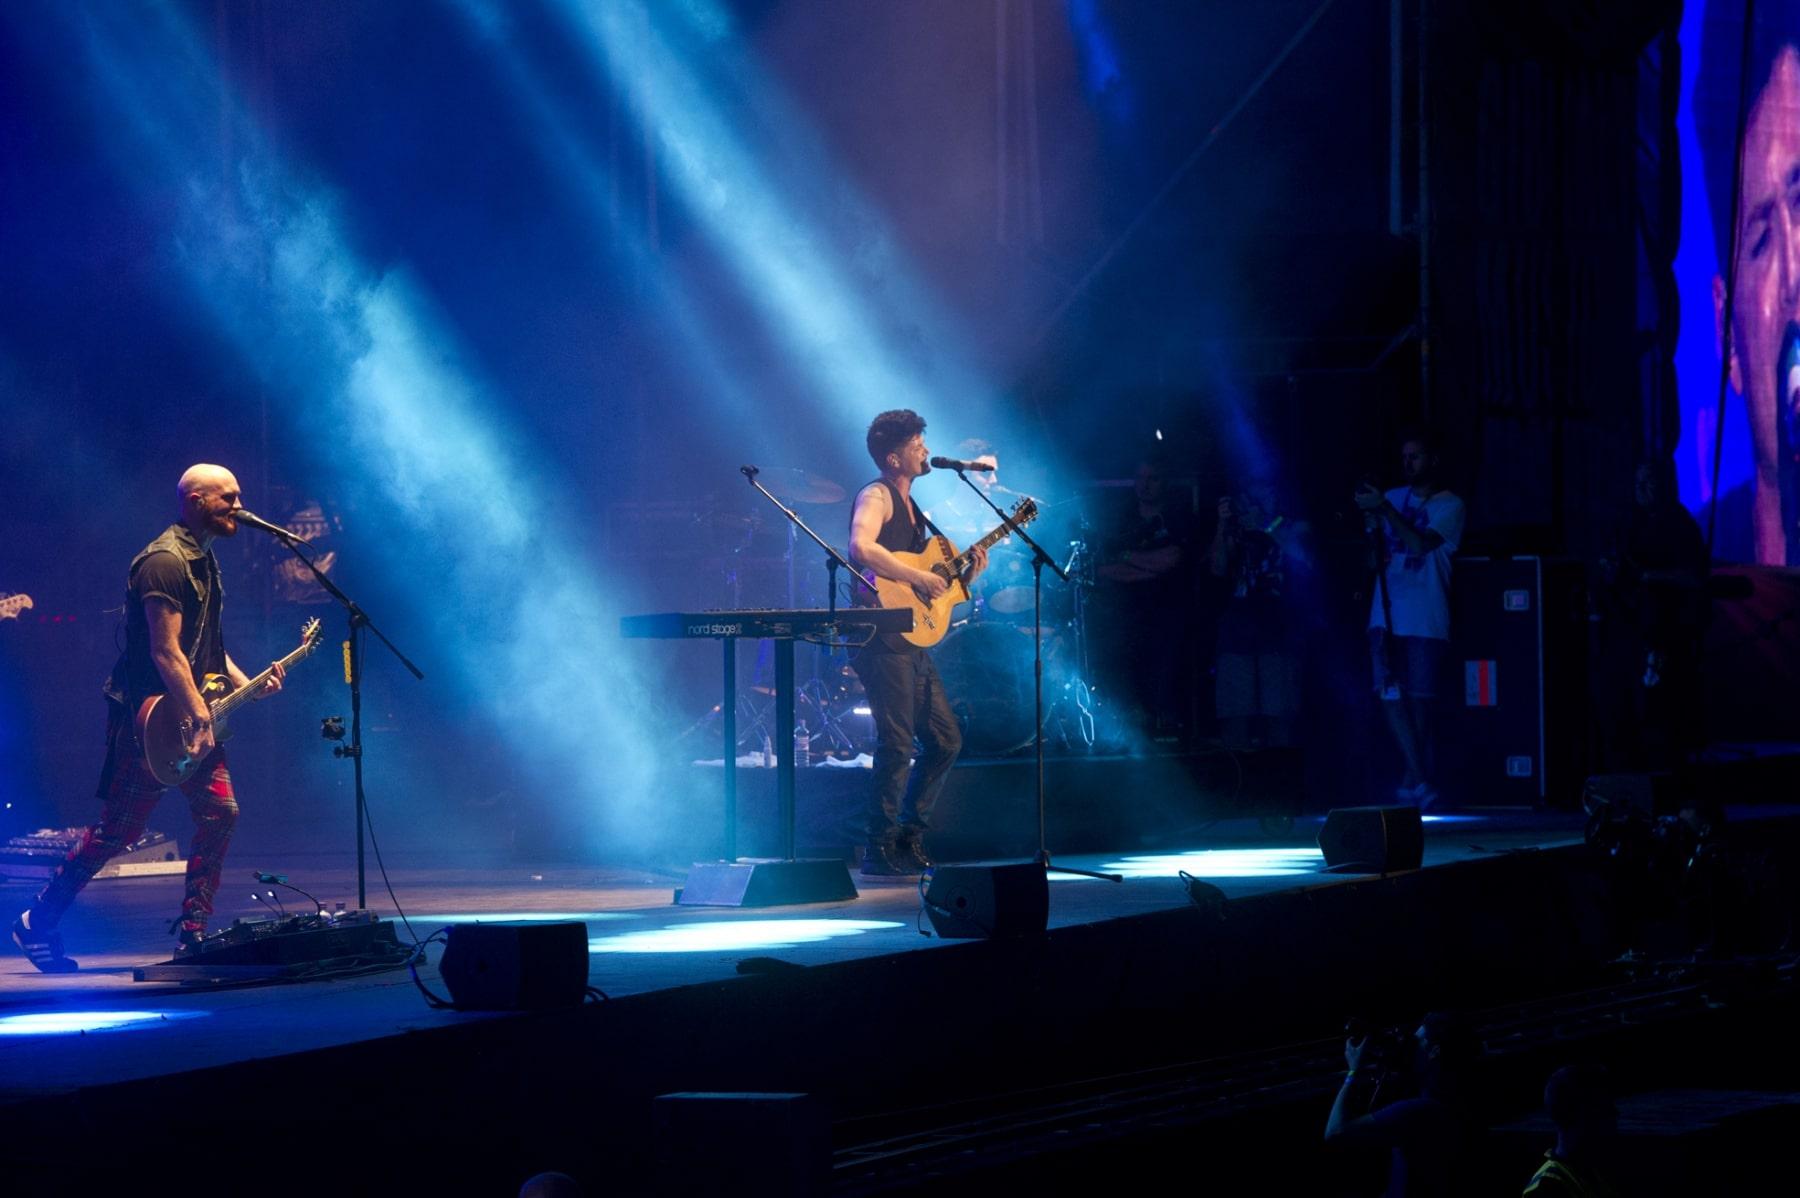 6-de-septiembre-2014-iii-gibraltar-music-festival55_15167941362_o